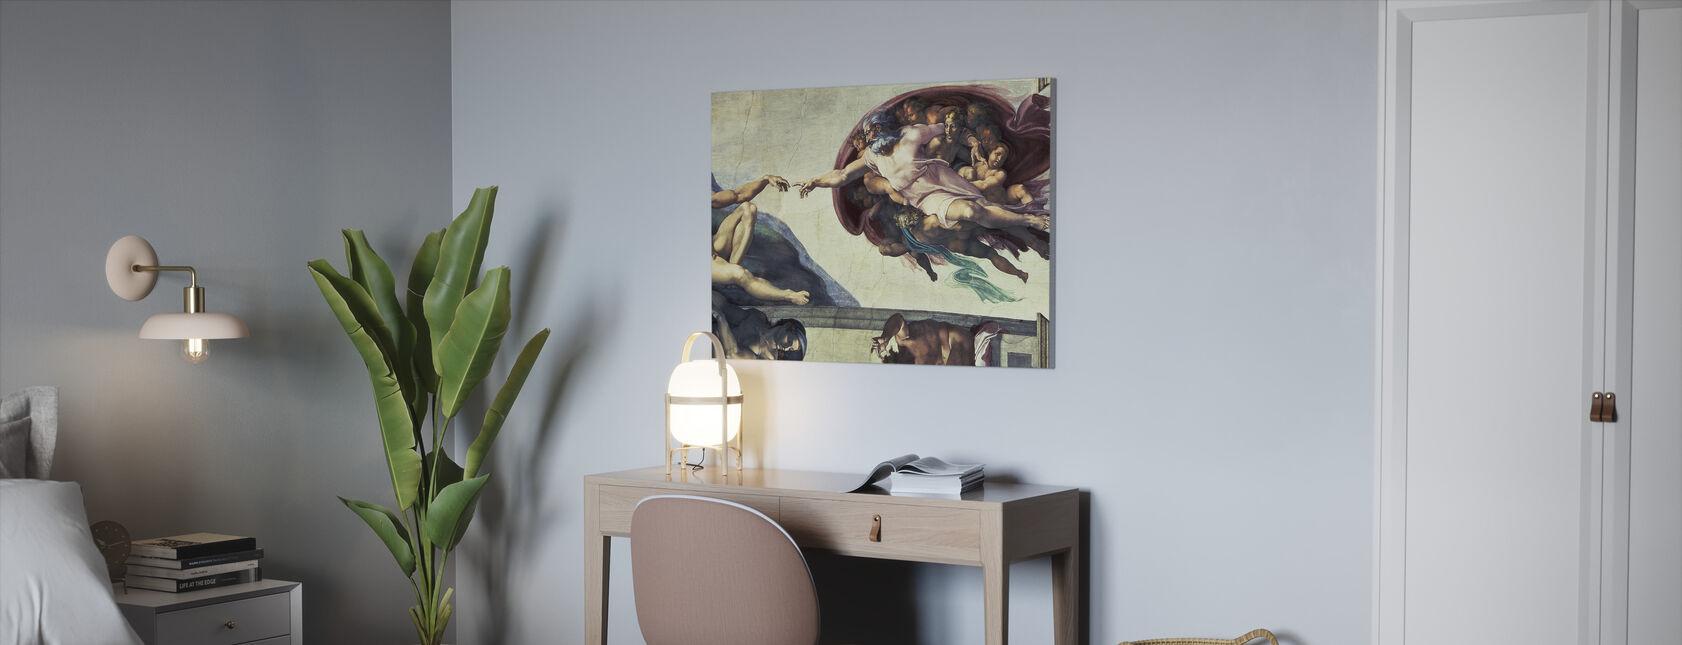 Oprettelse af Adam - Michelangelo Buonarroti - Billede på lærred - Kontor